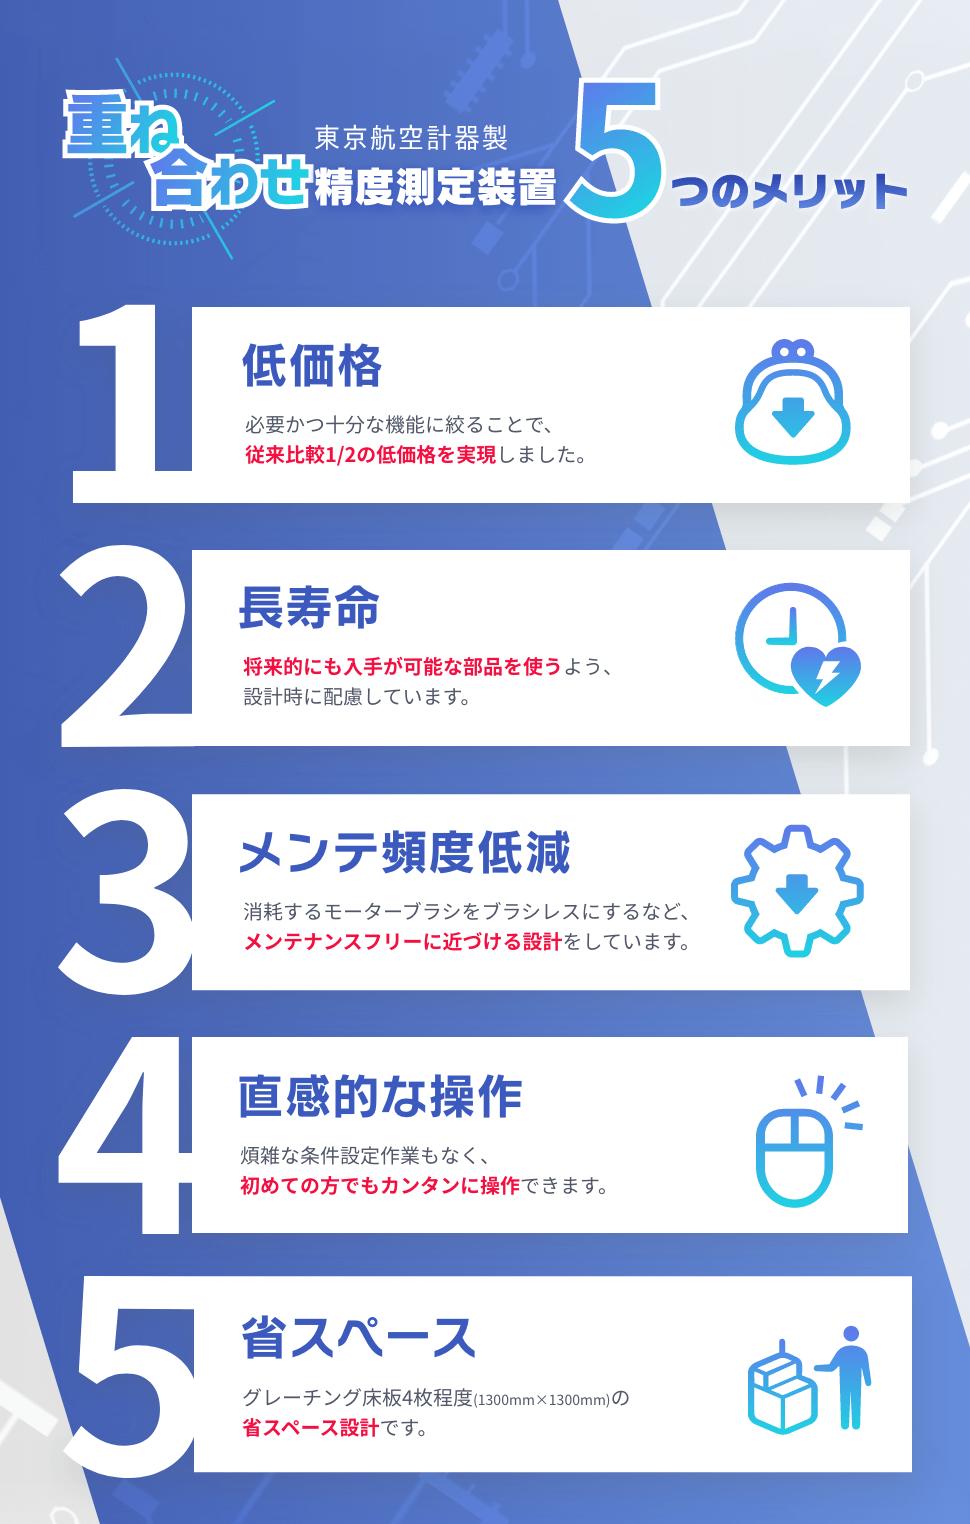 東京航空計器製「重ね合わせ精度測定装置」5つのメリット 1.低価格 2.長寿命 3.メンテ頻度低減 4.直感的な操作 5.省スペース